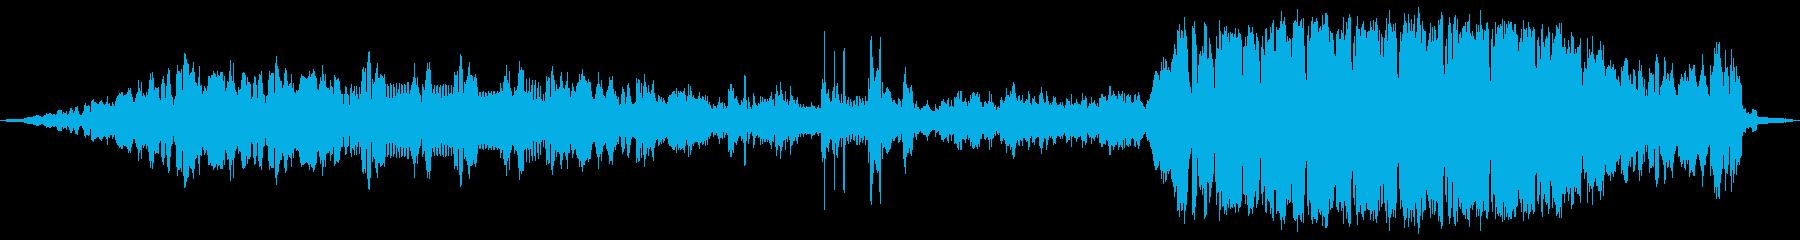 映画  太いシンセ音 エピック バトルの再生済みの波形